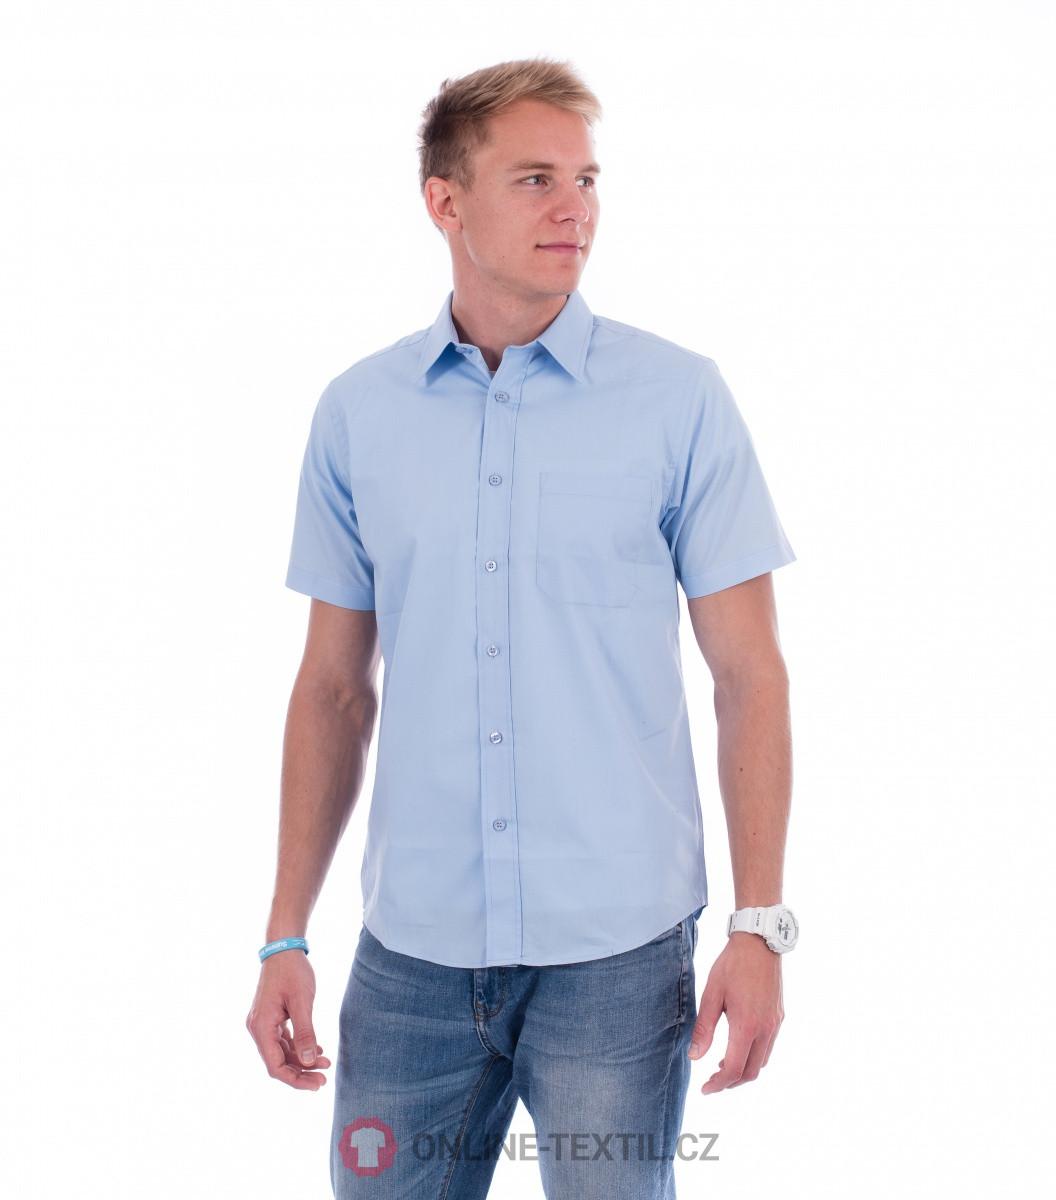 ADLER CZECH Pánská košile Chic s krátkým rukávem 207 - nebesky modrá ... d0eed27ef9